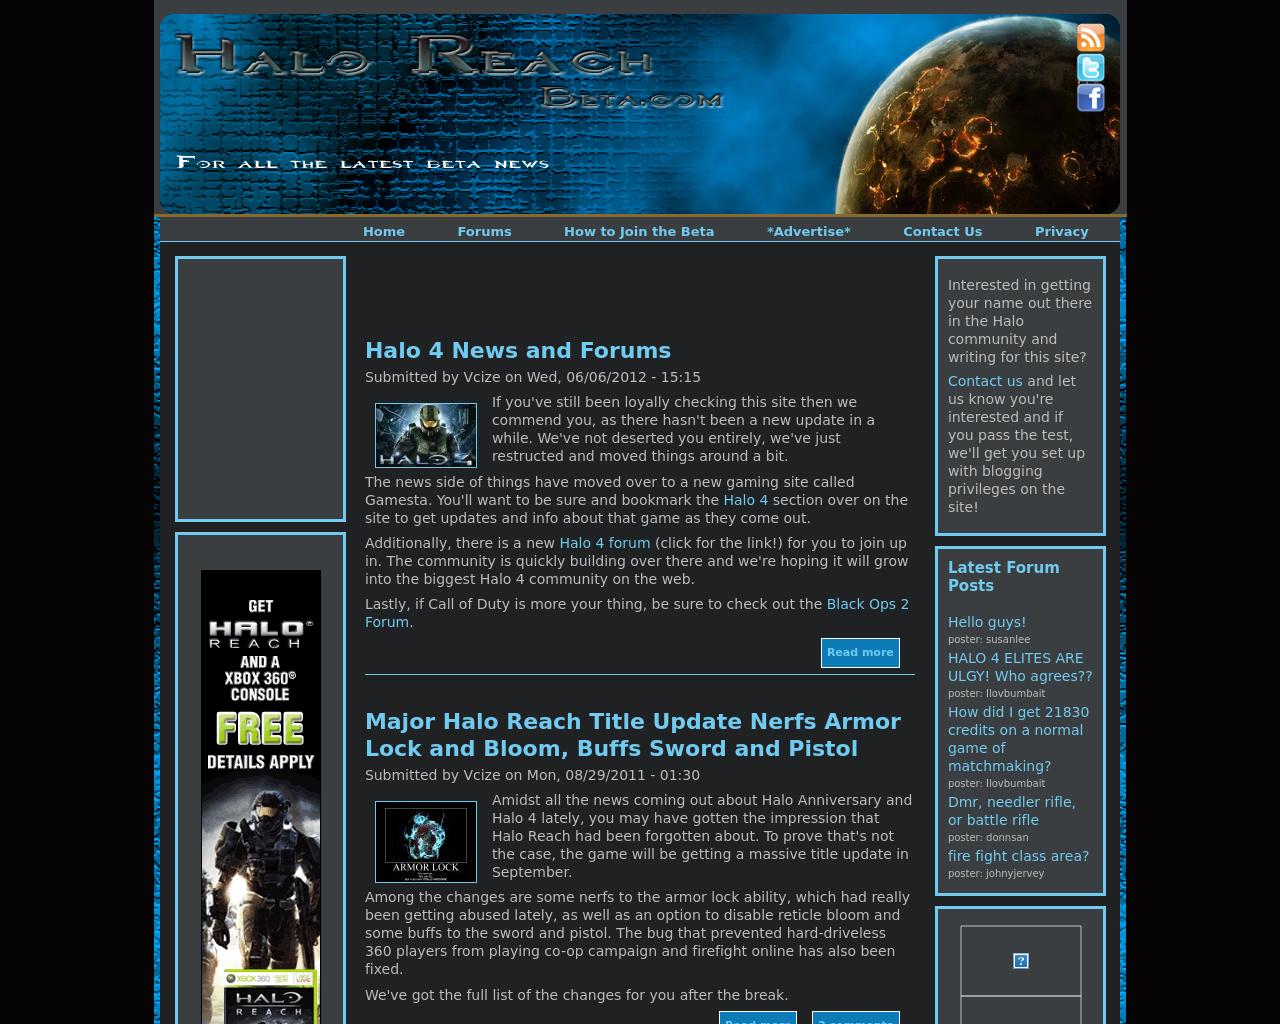 HALO-REACH-BETA.COM-Advertising-Reviews-Pricing